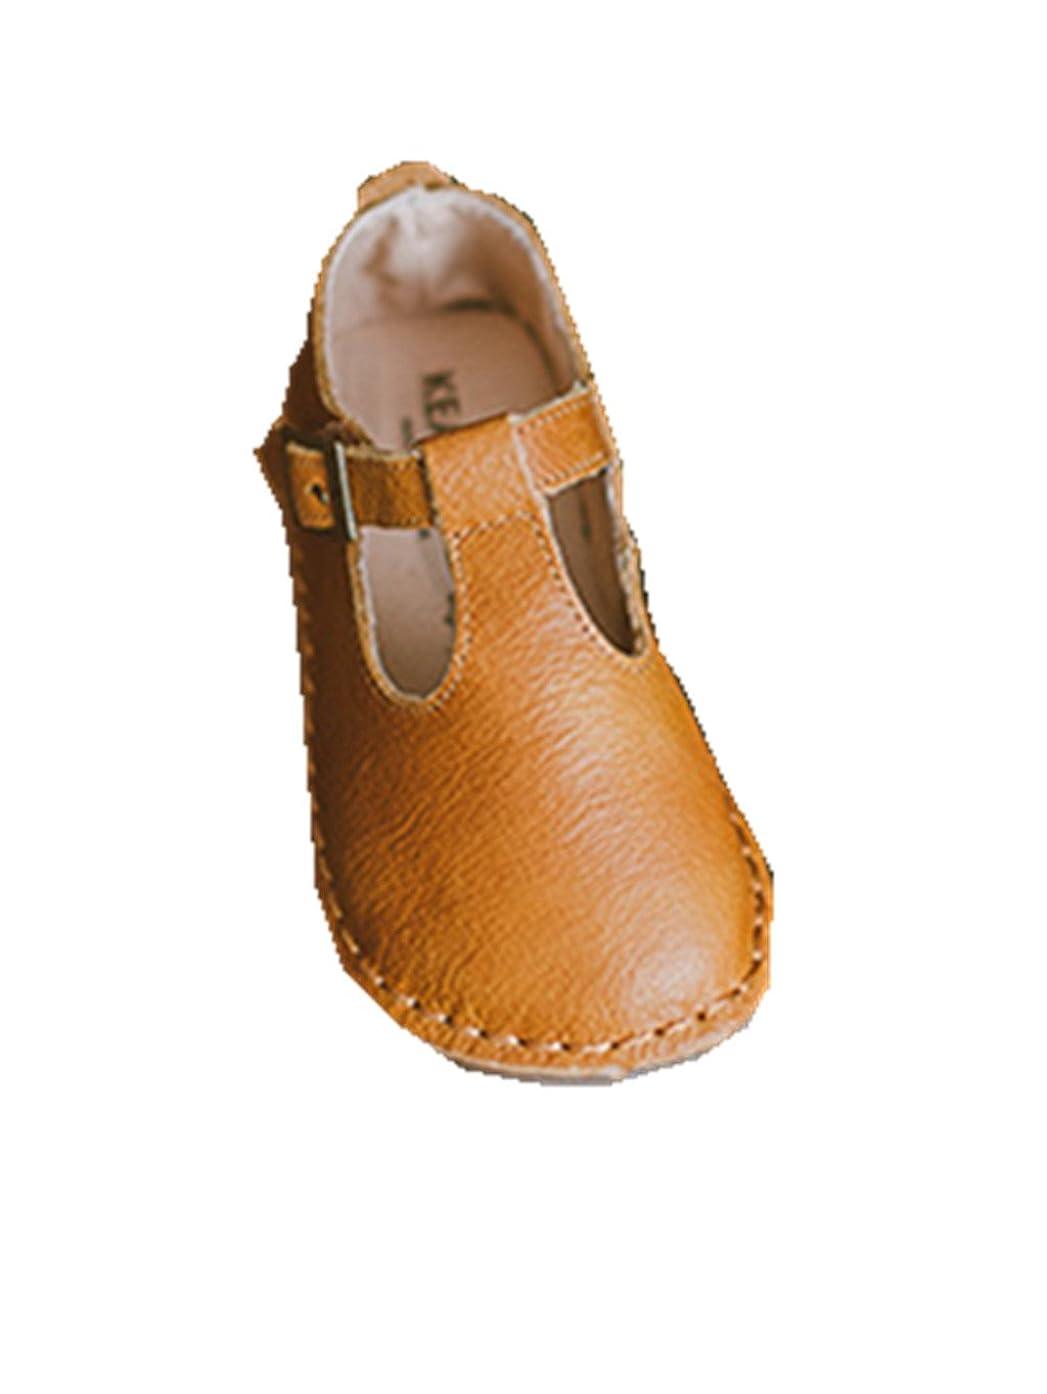 パイプライン謙虚トラクター[KEAI] 子供 靴 女の子 真皮 キッズ フォーマル 靴 軽量 滑り止め加工 プリンセス靴 履きやすい